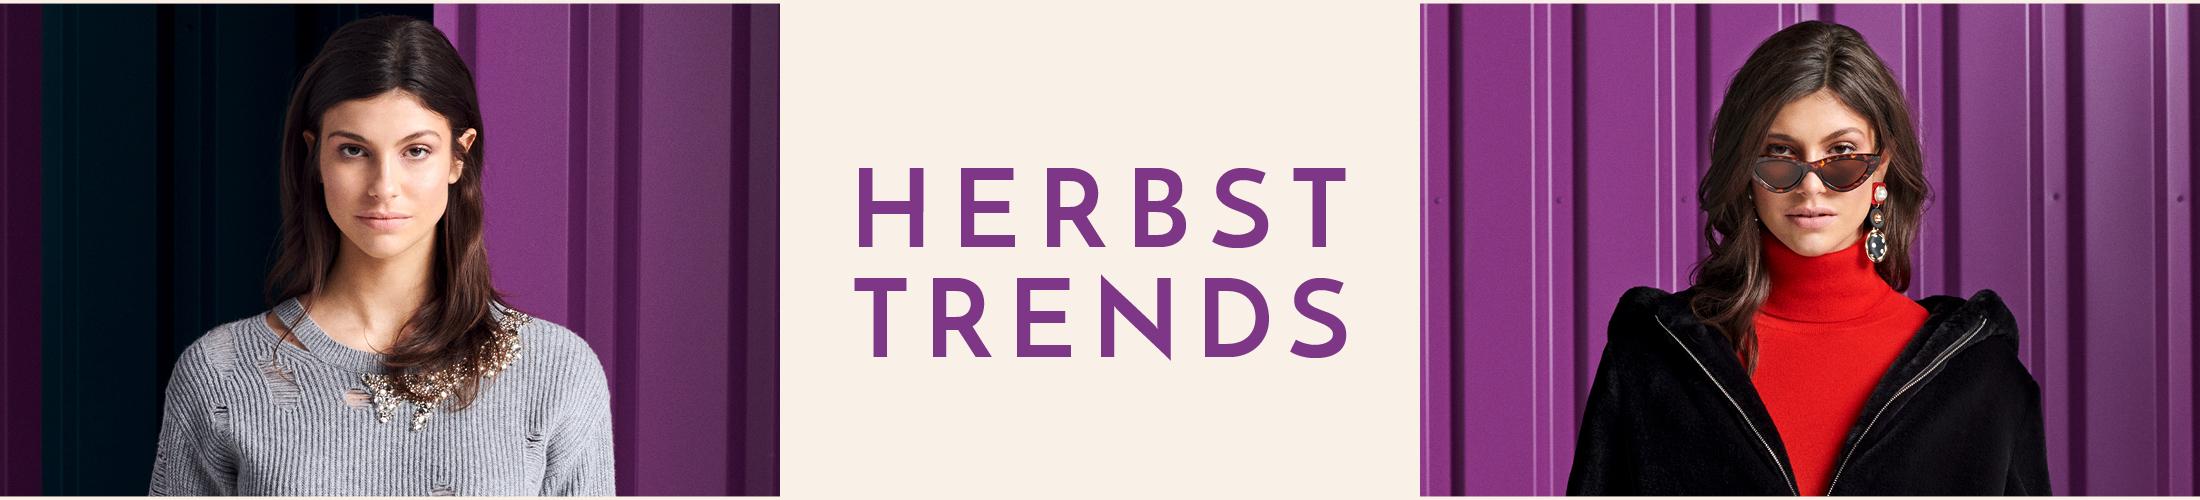 Herbst-Trends